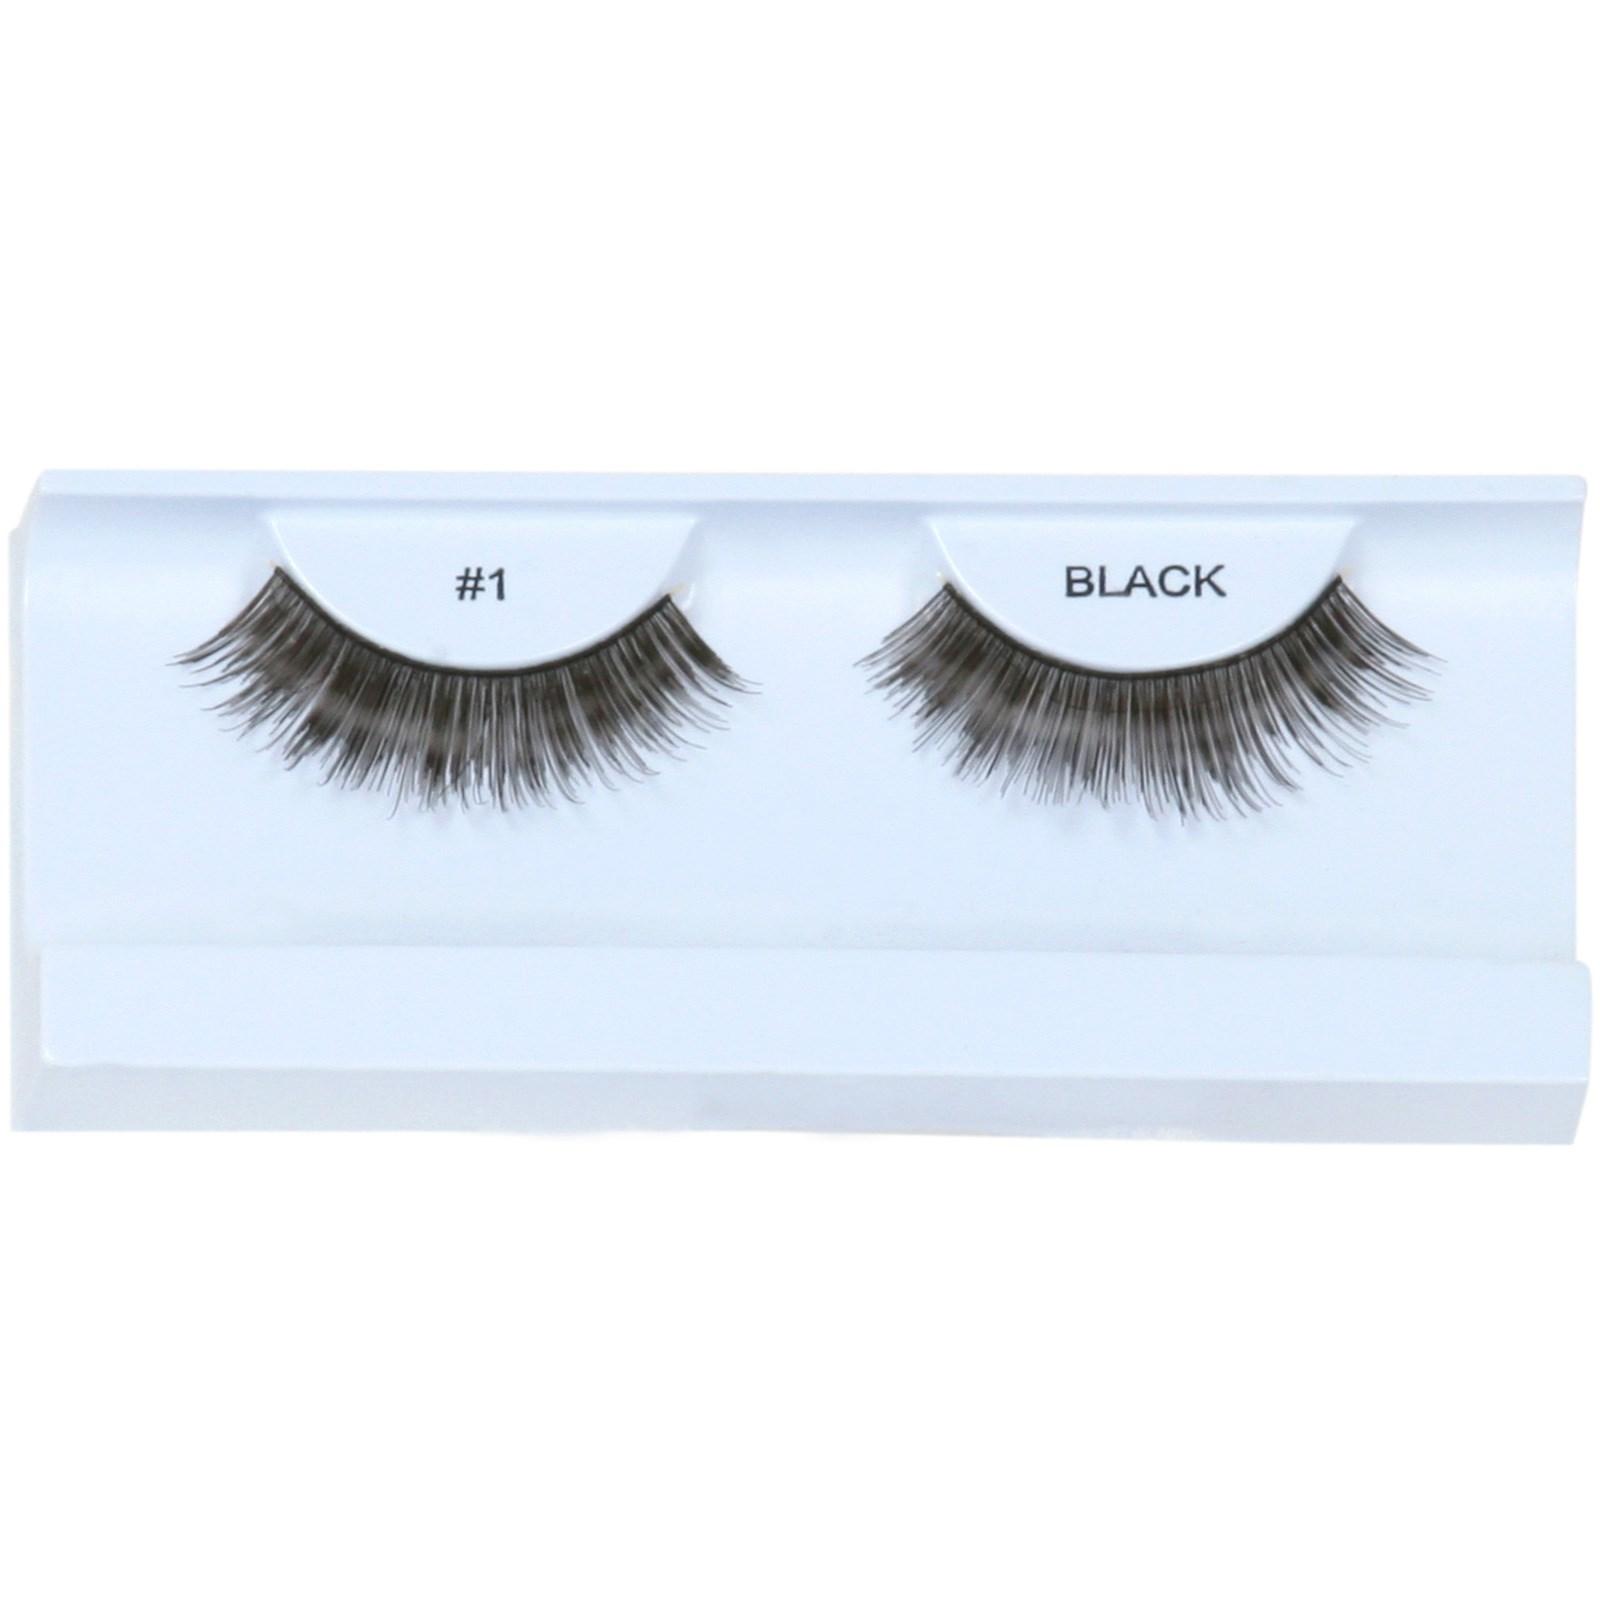 Image of Black Eyelashes with Case